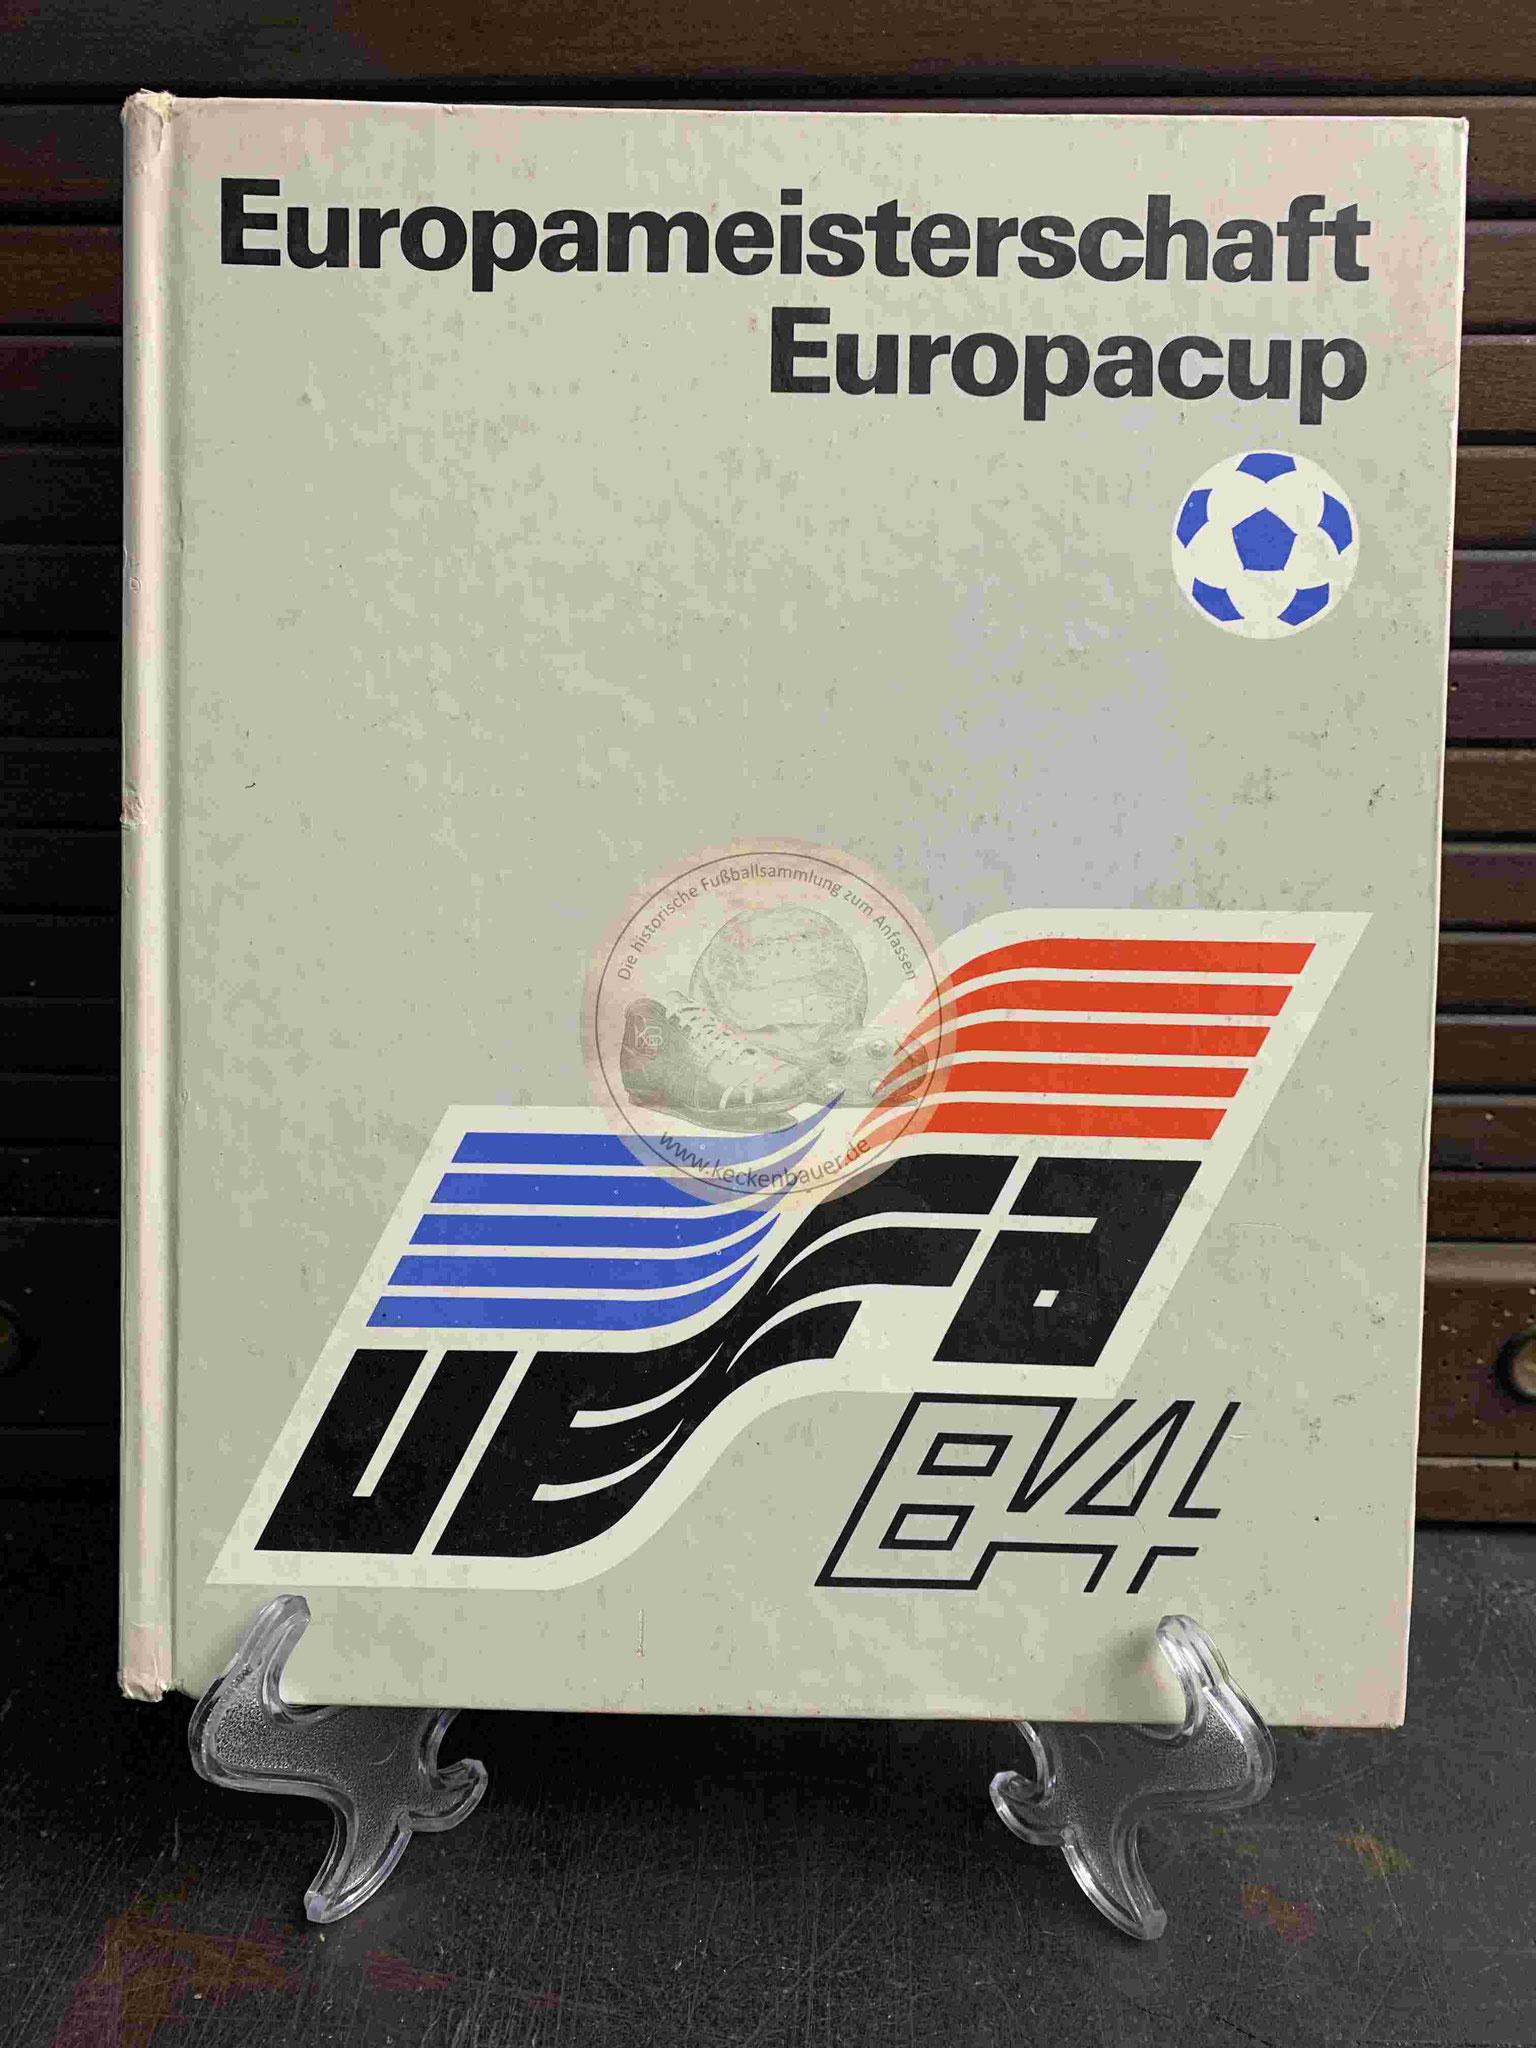 Europameisterschaft Europacup 84